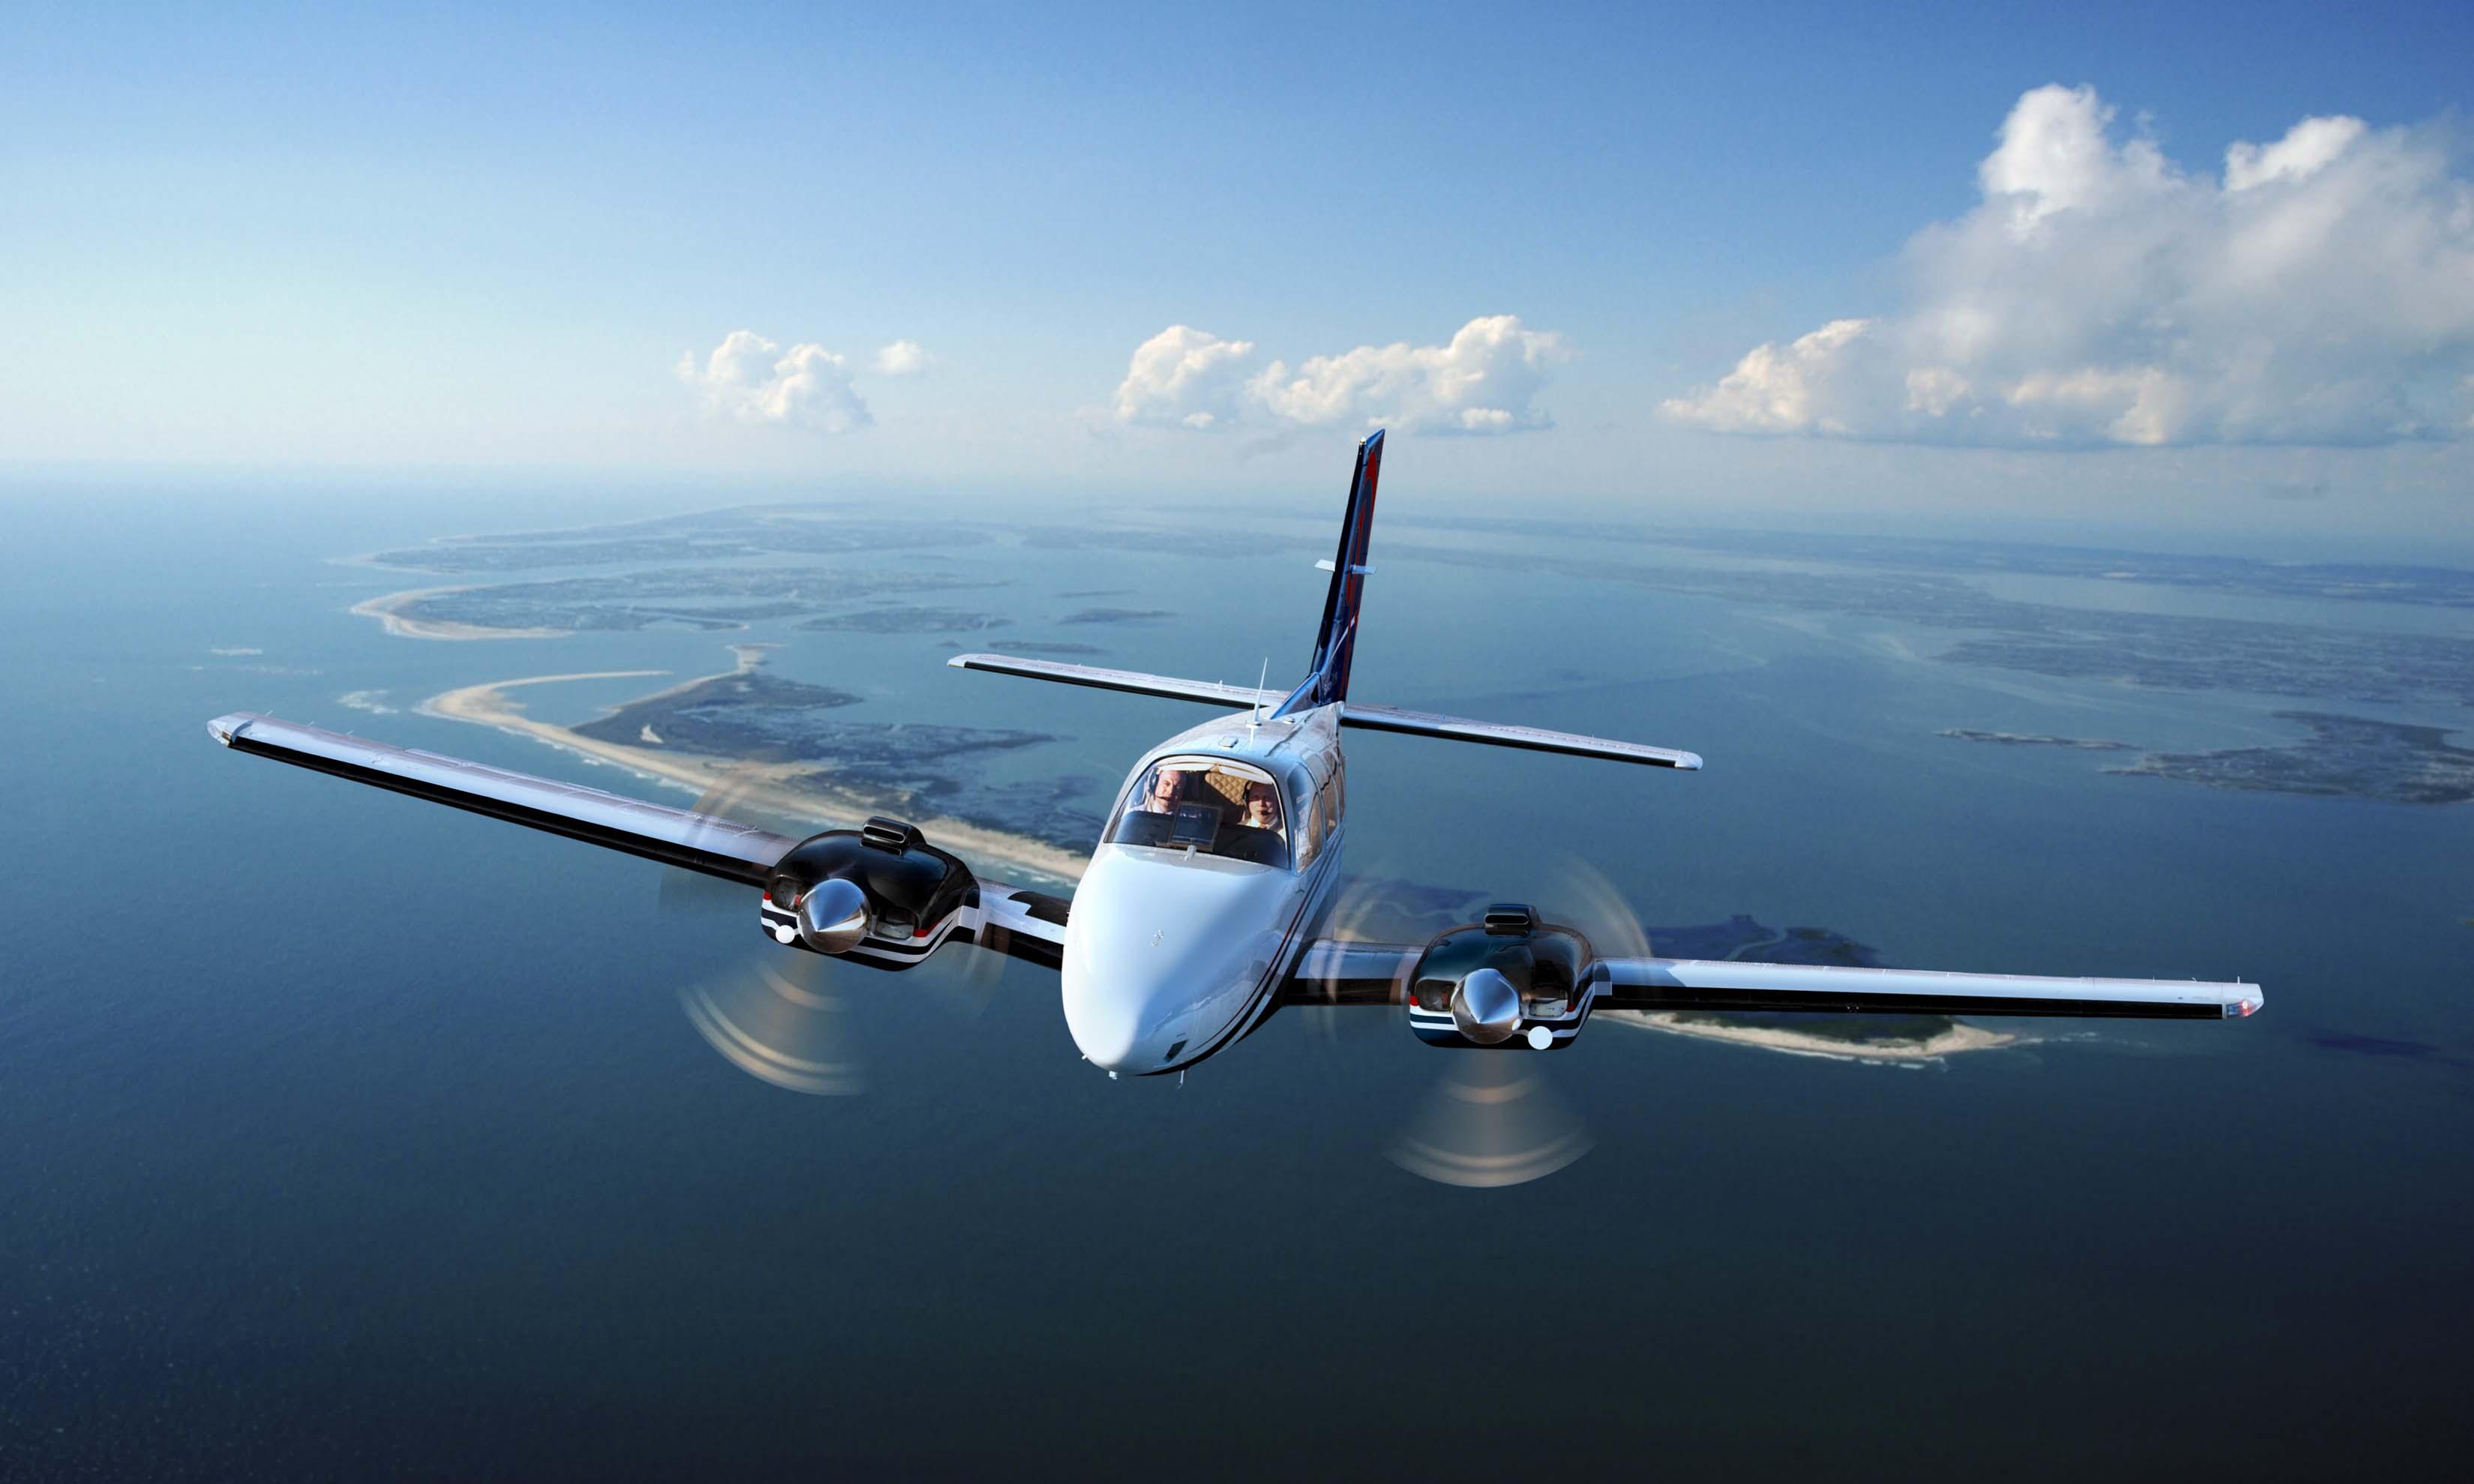 77a9f96b11a Velocímetro do avião marca velocidade diferente da real. Entenda ...